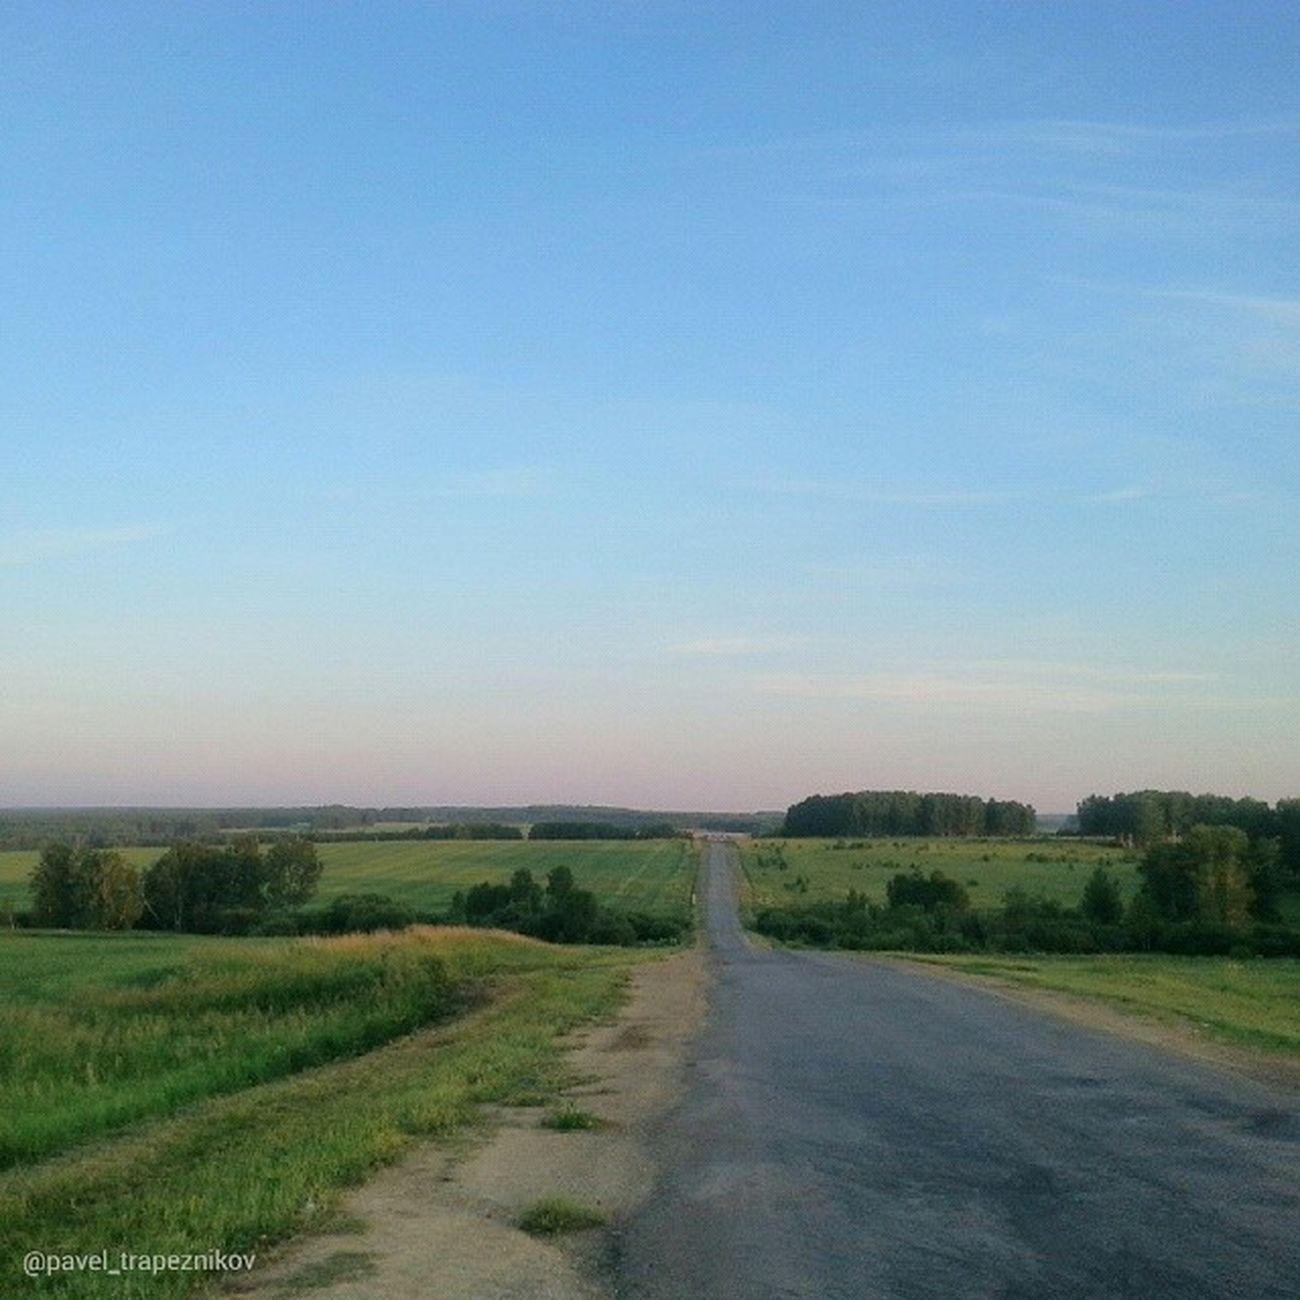 20140711 , НовосибирскаяОбласть . Сельская Дорога вечером/ Novosibirsk Region. Rural road in the evening.